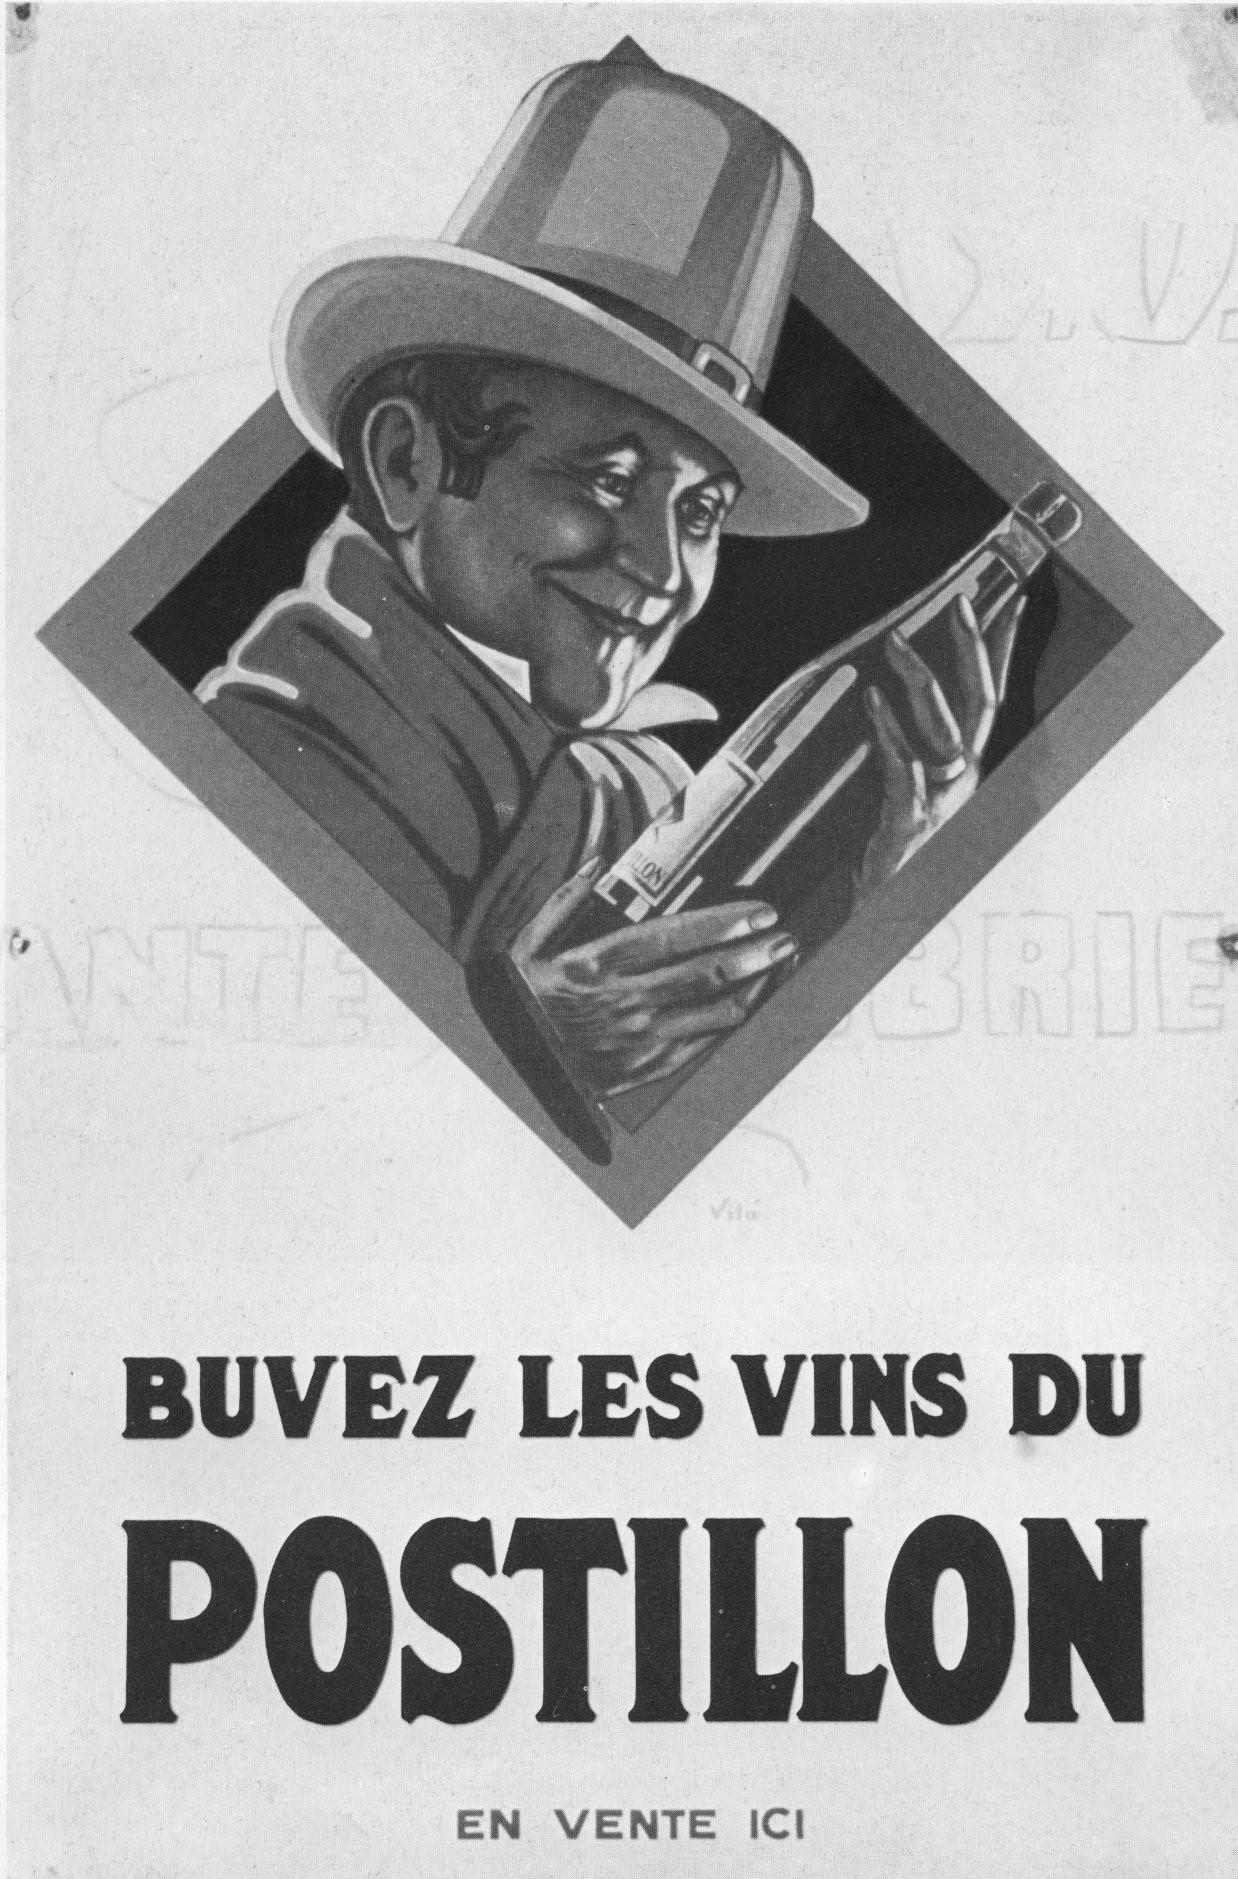 Publicite 1950 1965 15